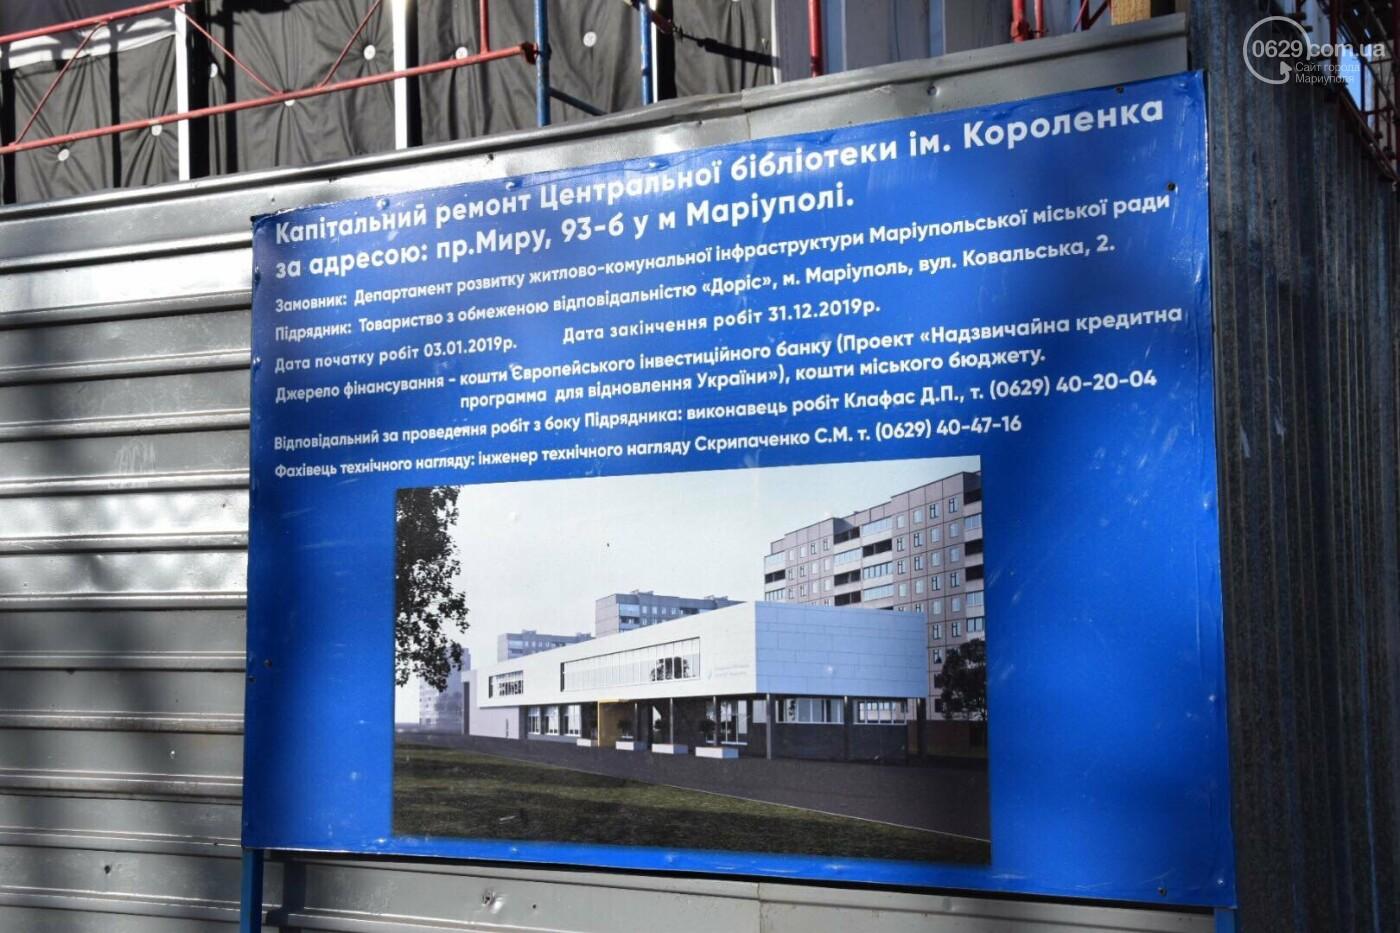 Как проходит ремонт главной библиотеки Мариуполя, - ФОТОРЕПОРТАЖ, фото-5